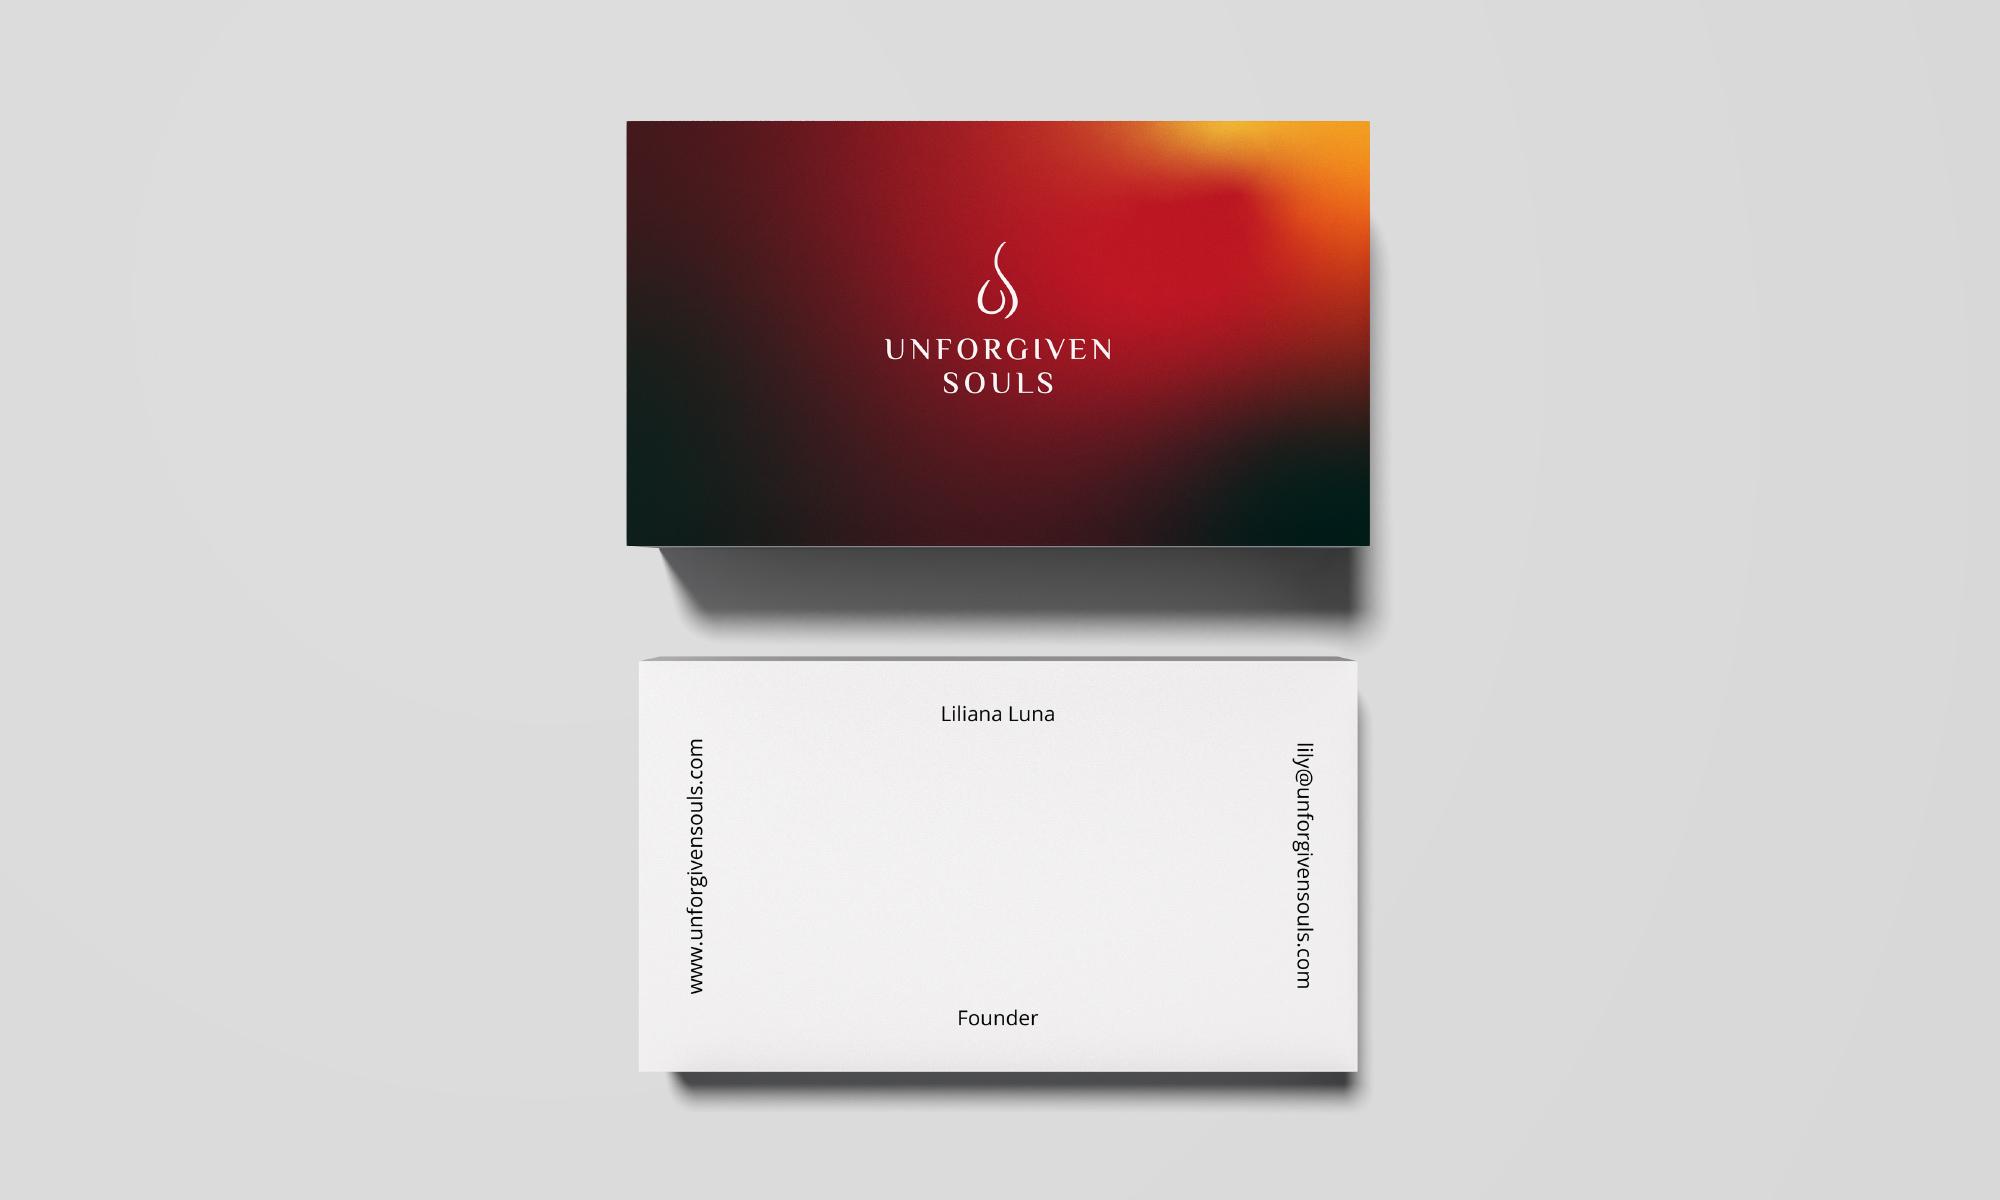 Unforgiven Souls business card